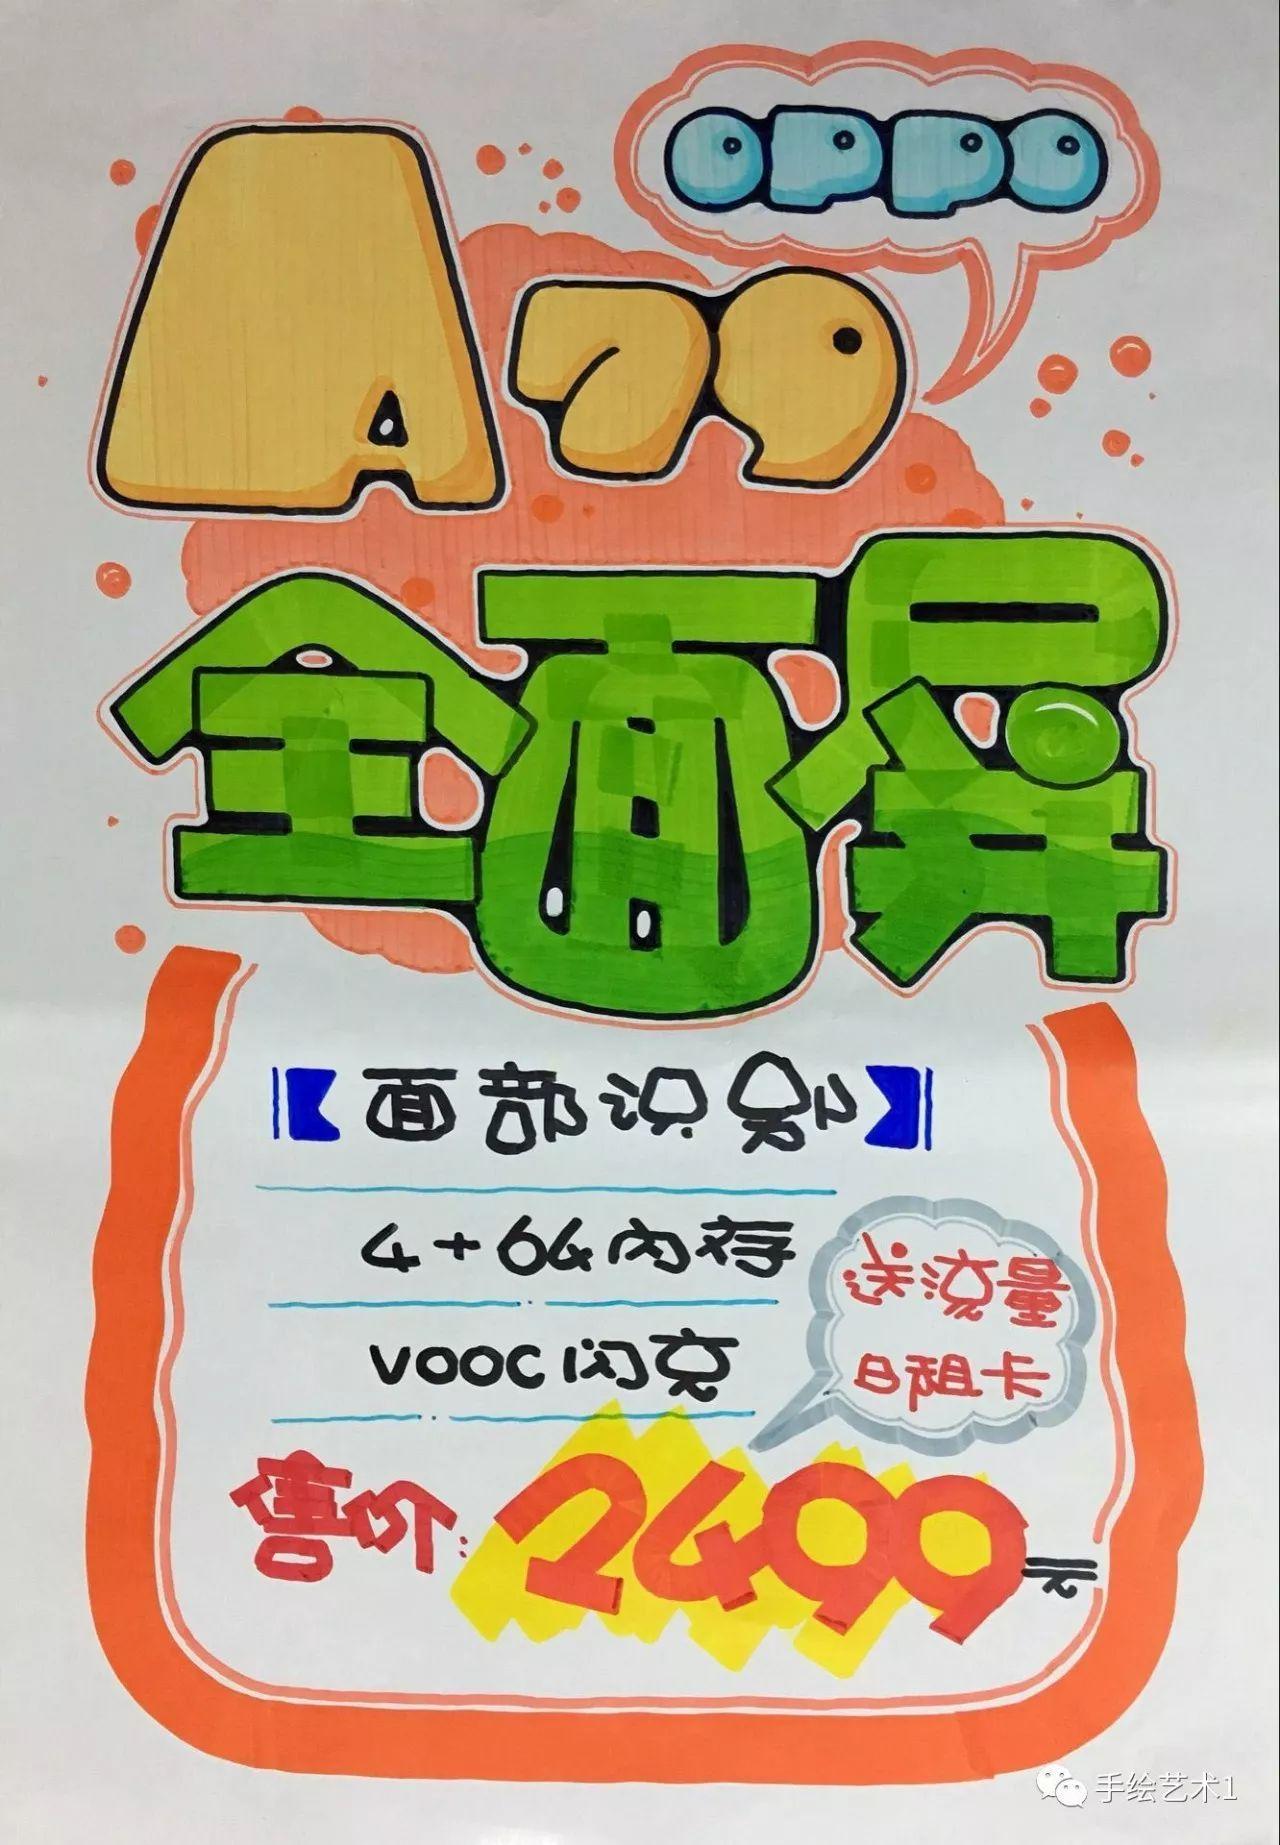 【手绘pop海报教程】oppo手机a79周道湘老师是这样绘制的